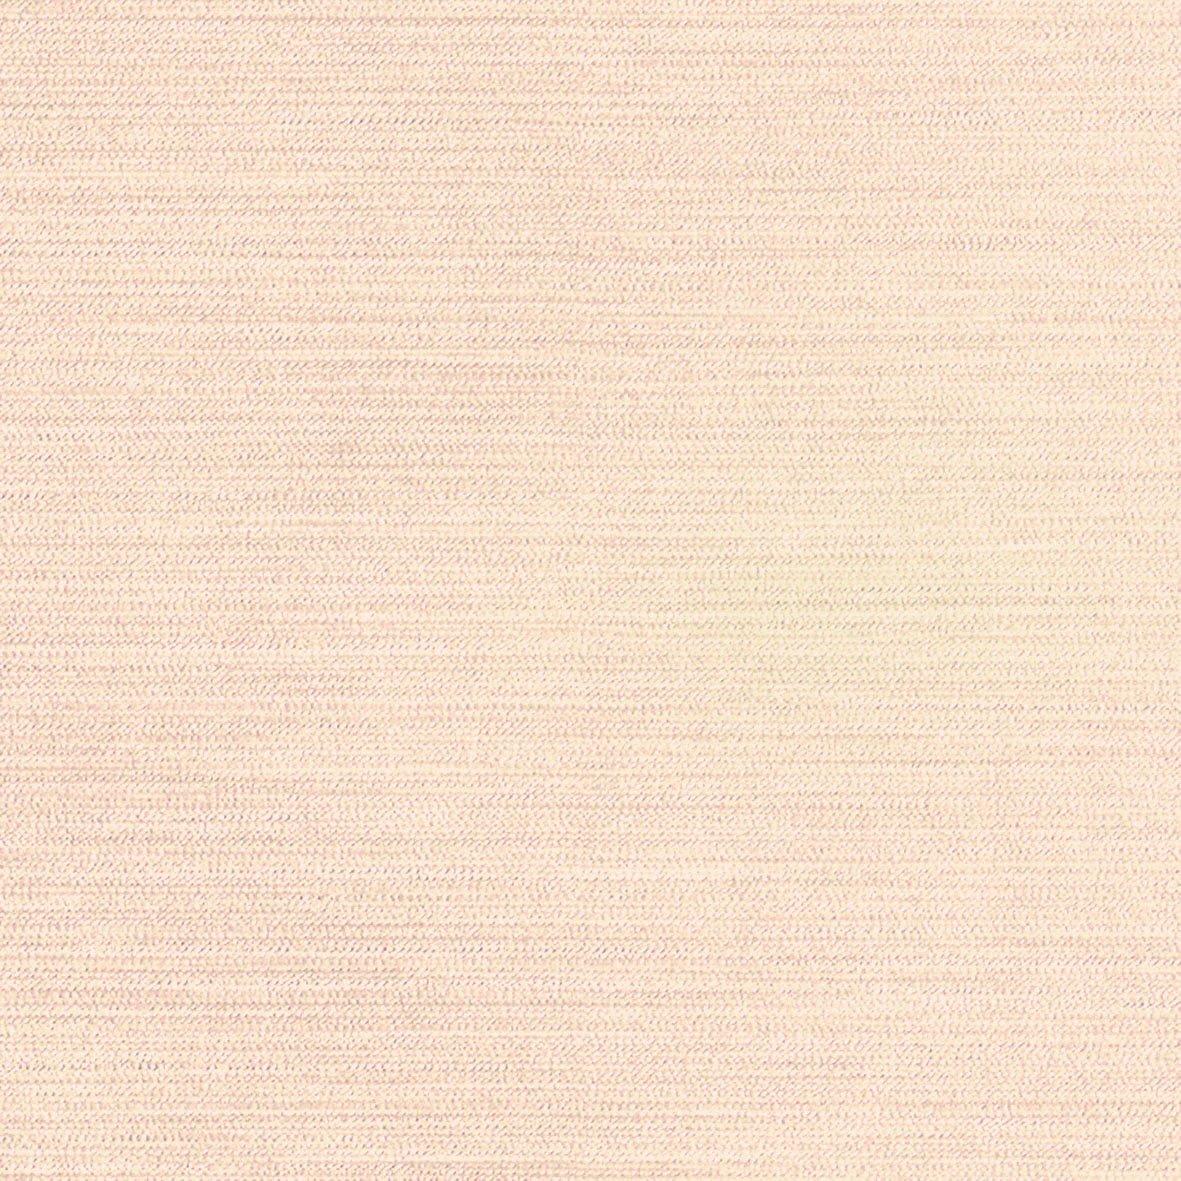 リリカラ 壁紙26m シンフル 無地 ベージュ LL-8590 B01MSILQEZ 26m|ベージュ2